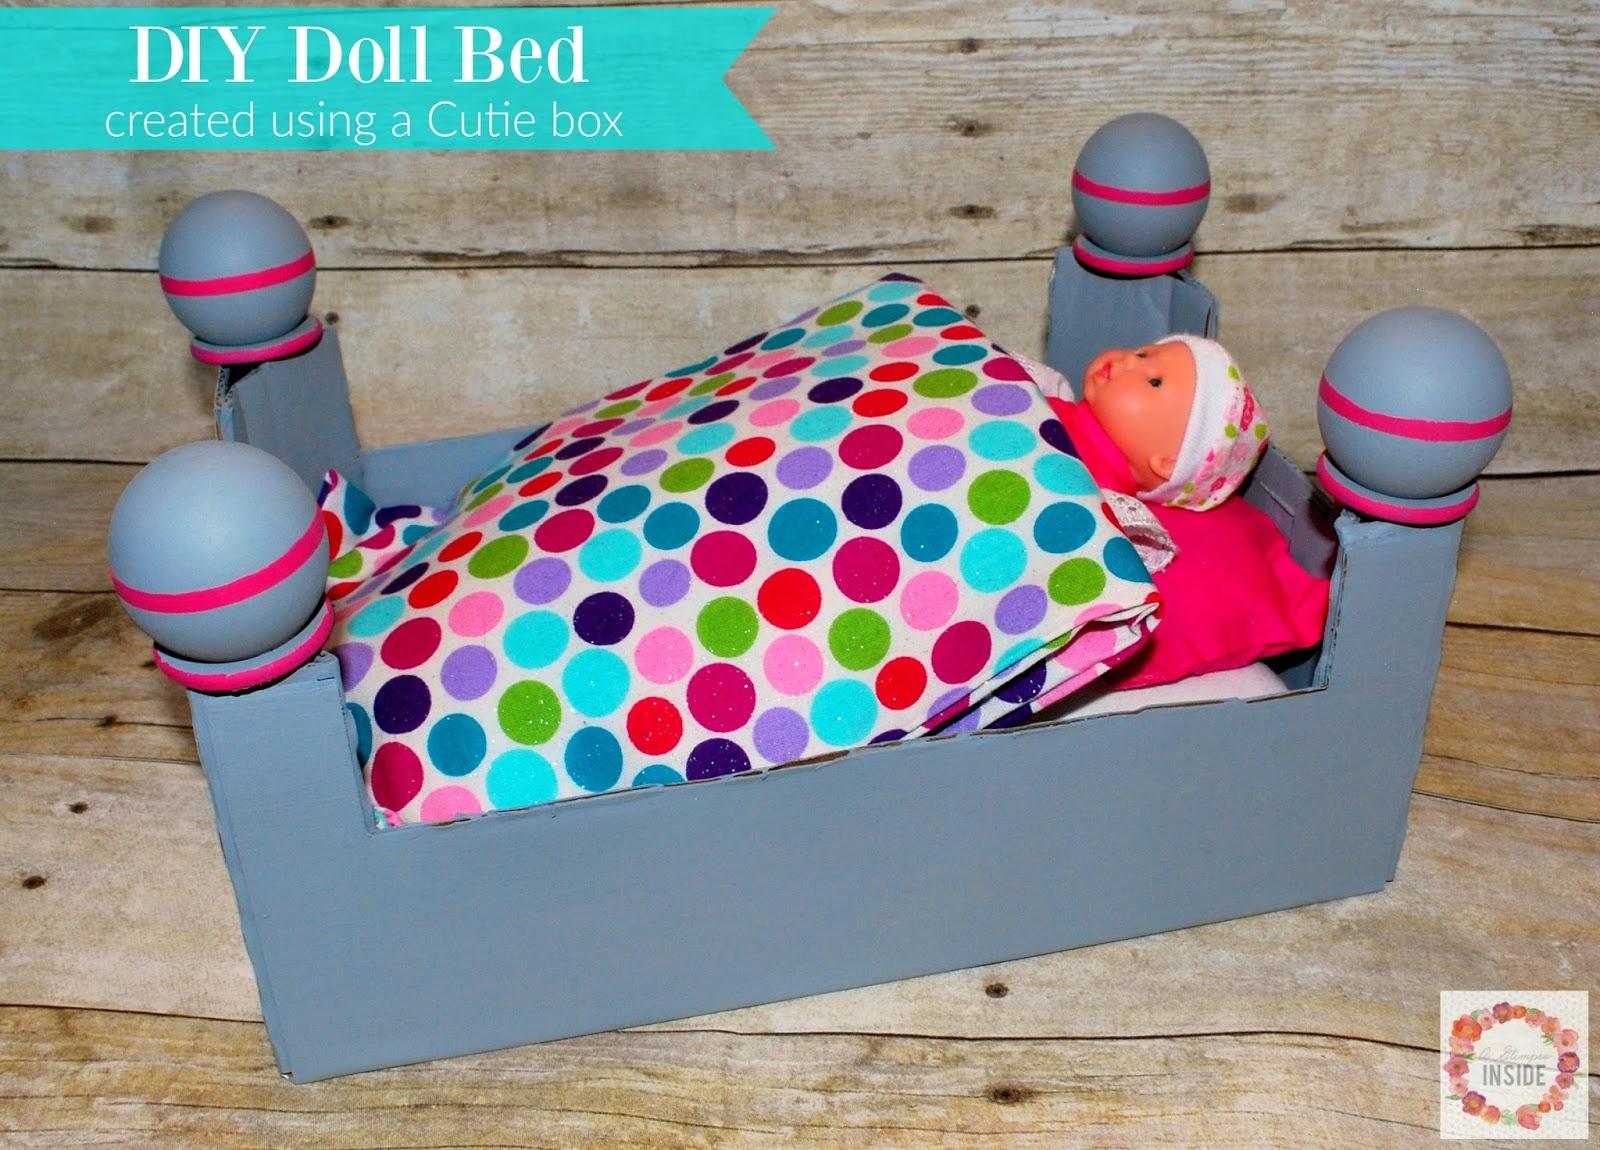 http://www.aglimpseinsideblog.com/2016/01/diy-doll-bed.html